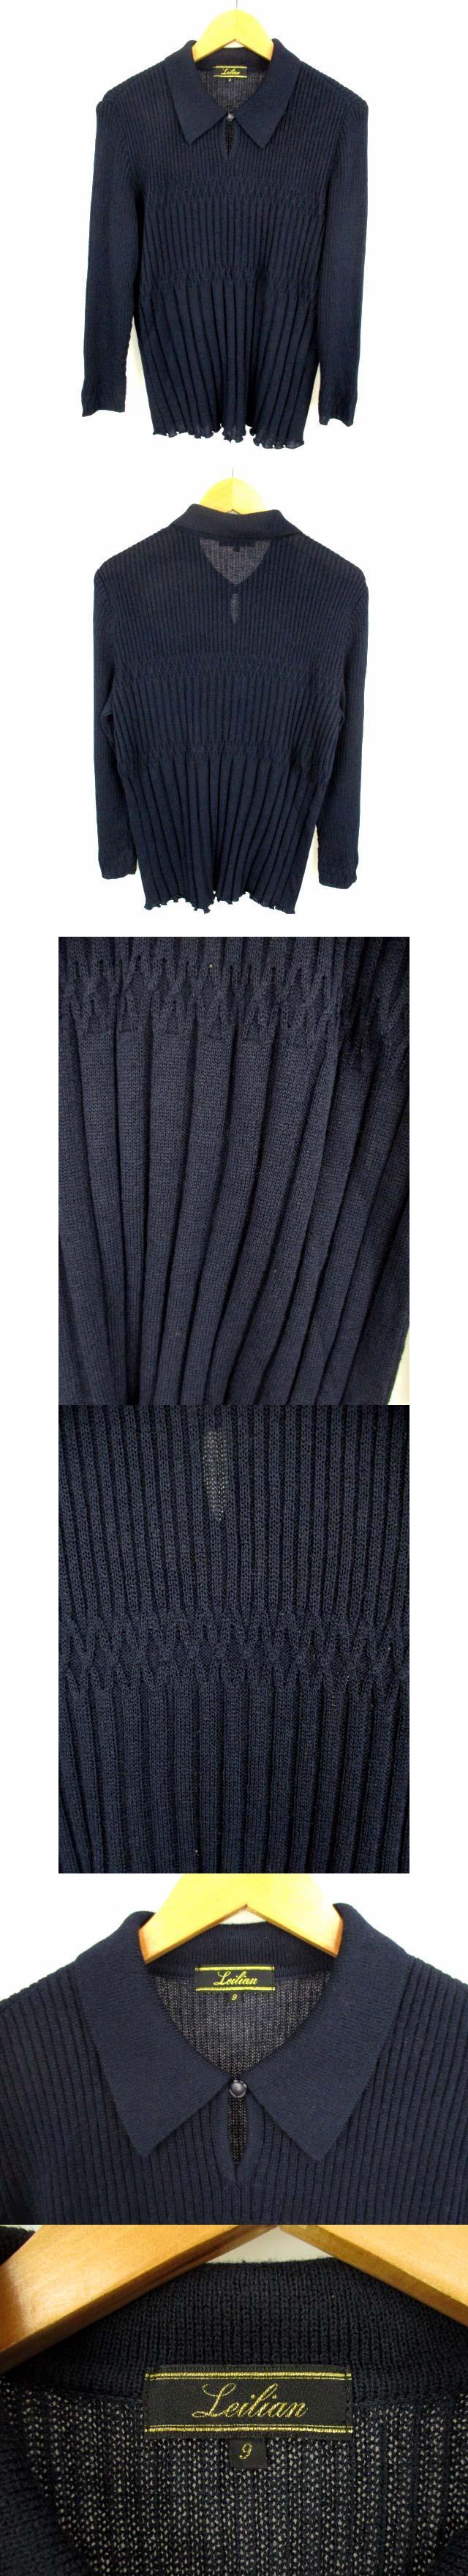 長袖 ニット セーター カットソー 薄手 襟付き レーヨン ウール ナイロン ネイビー 紺 サイズ9 日本製